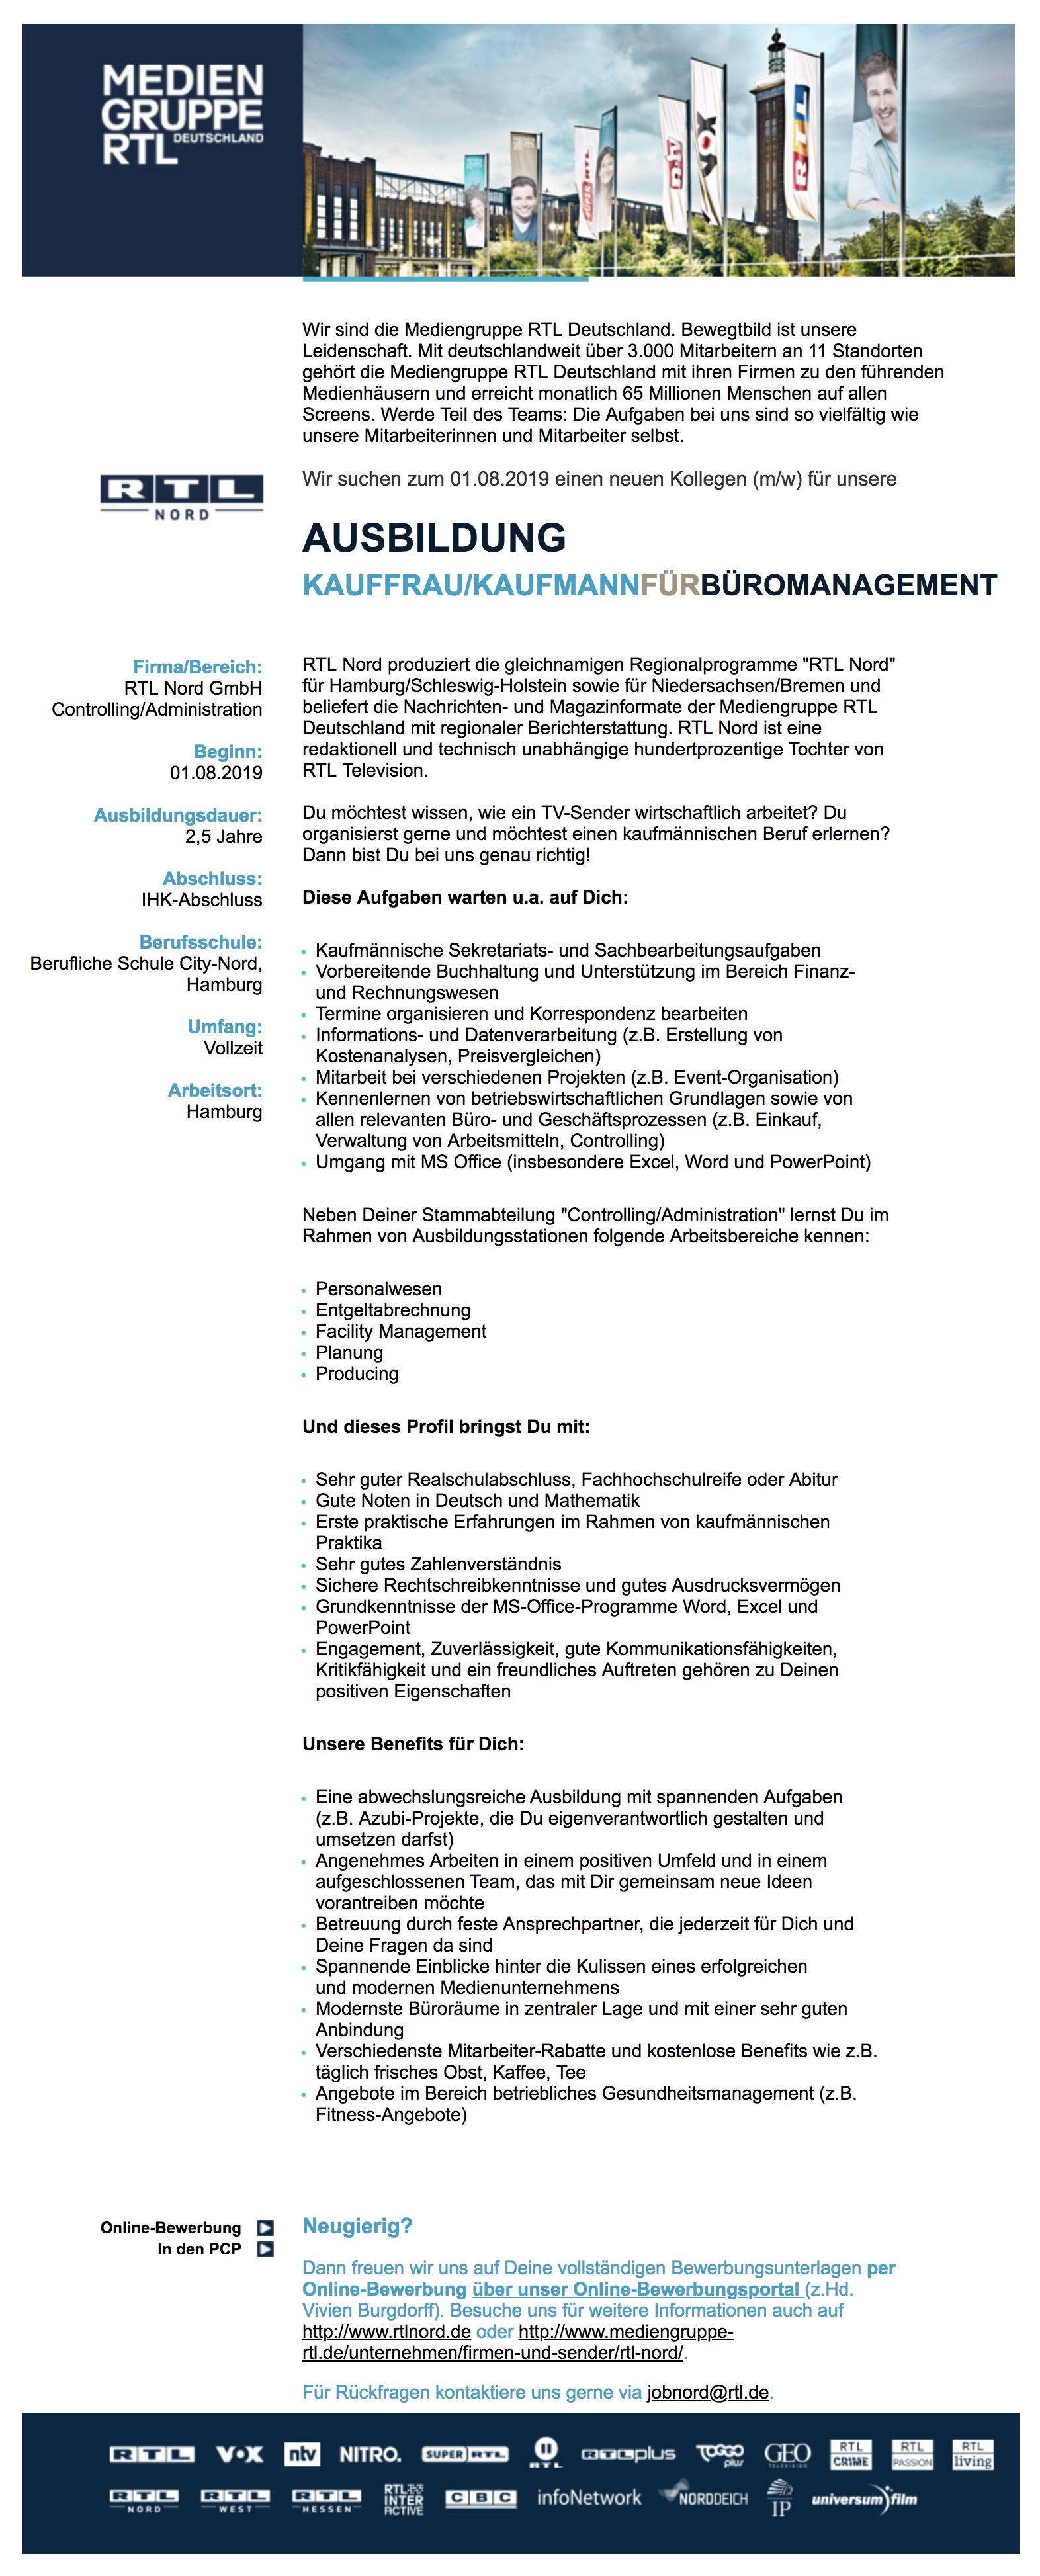 ausbildung kauffraukaufmann fr bromanagement rtl nord - Bewerbung Ausbildung Kauffrau Fr Bromanagement